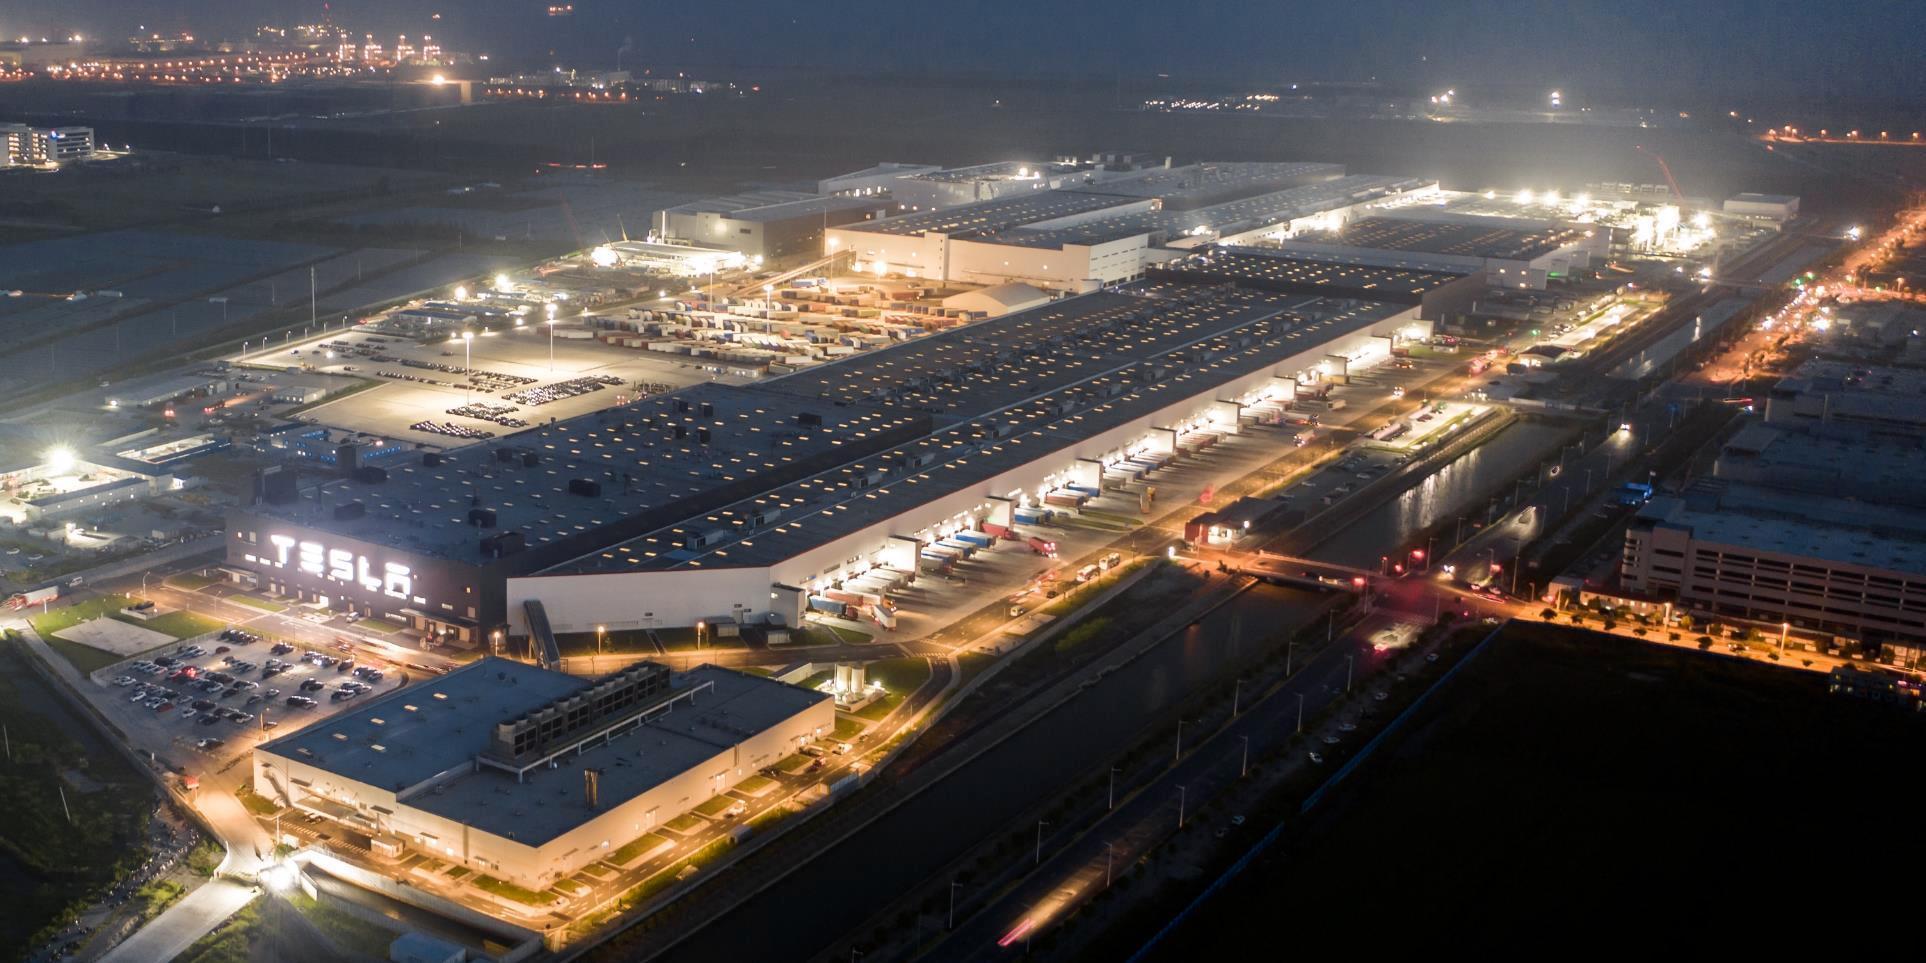 Оценка производства Tesla Gigafactory Shanghai 2021 Model 3 и Model Y скорее всего консервативна.